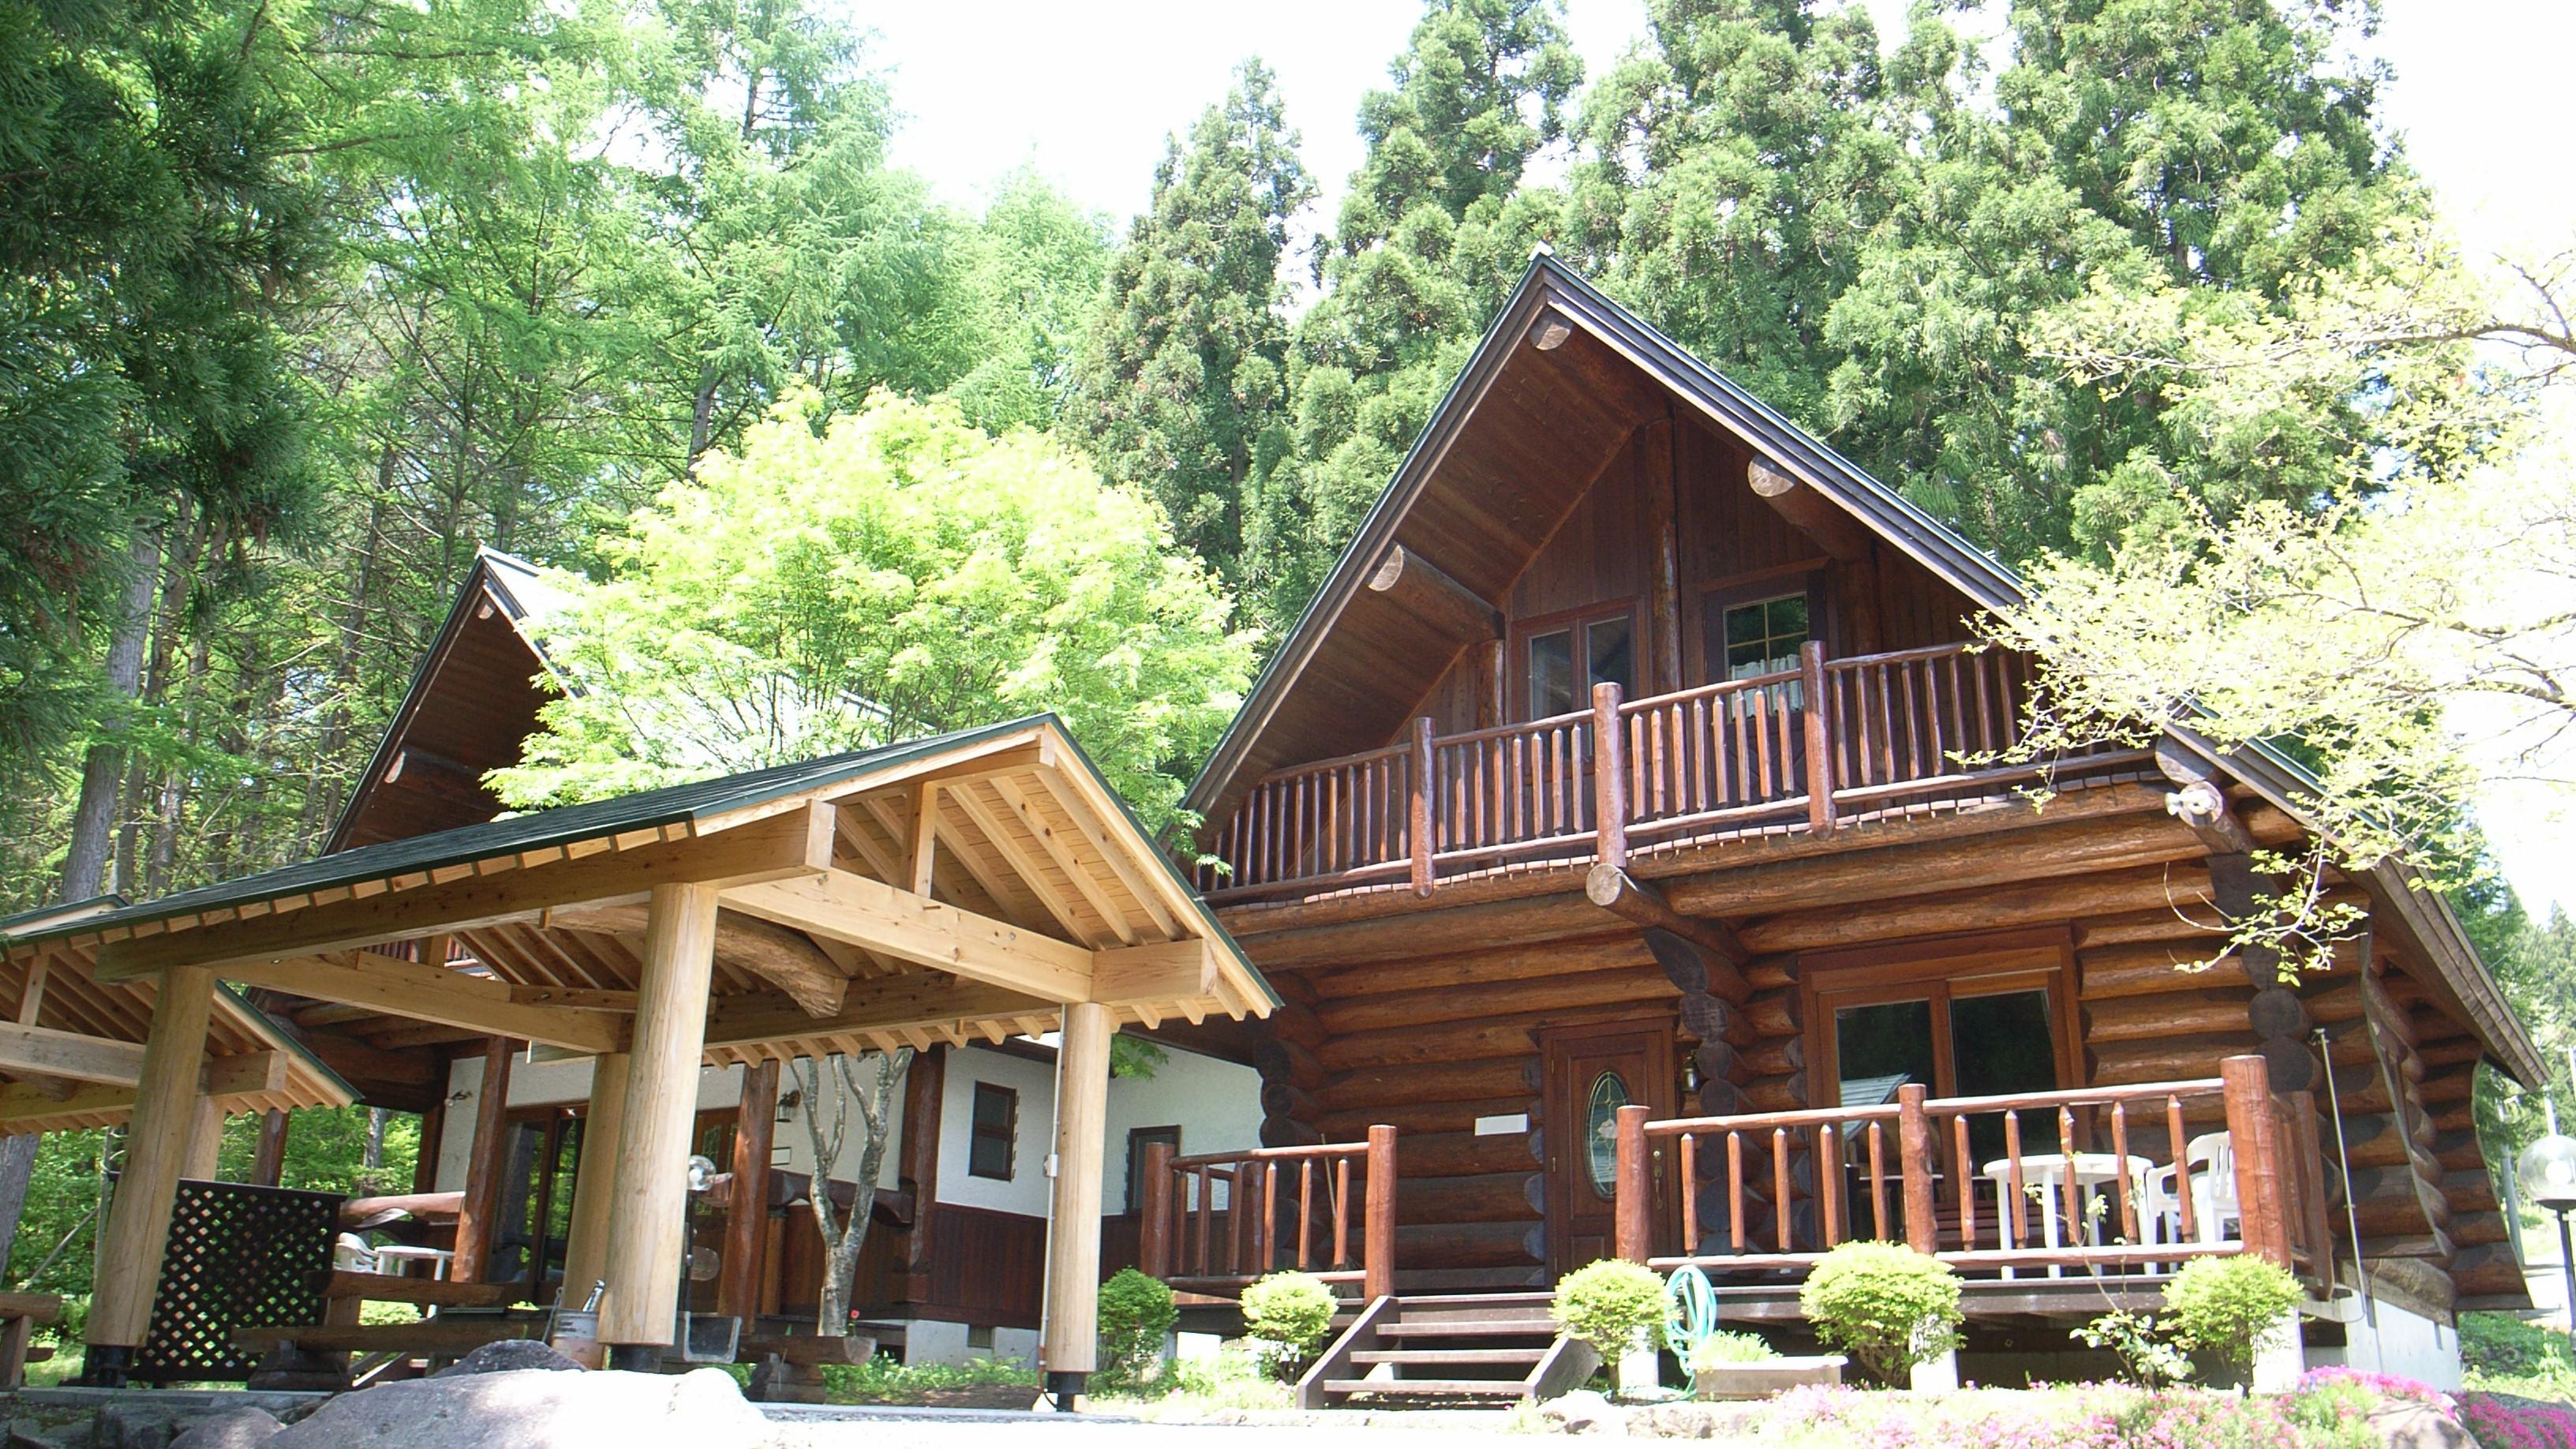 しゃくなげ平貸別荘&コテ−ジ オール・リゾート・サービス